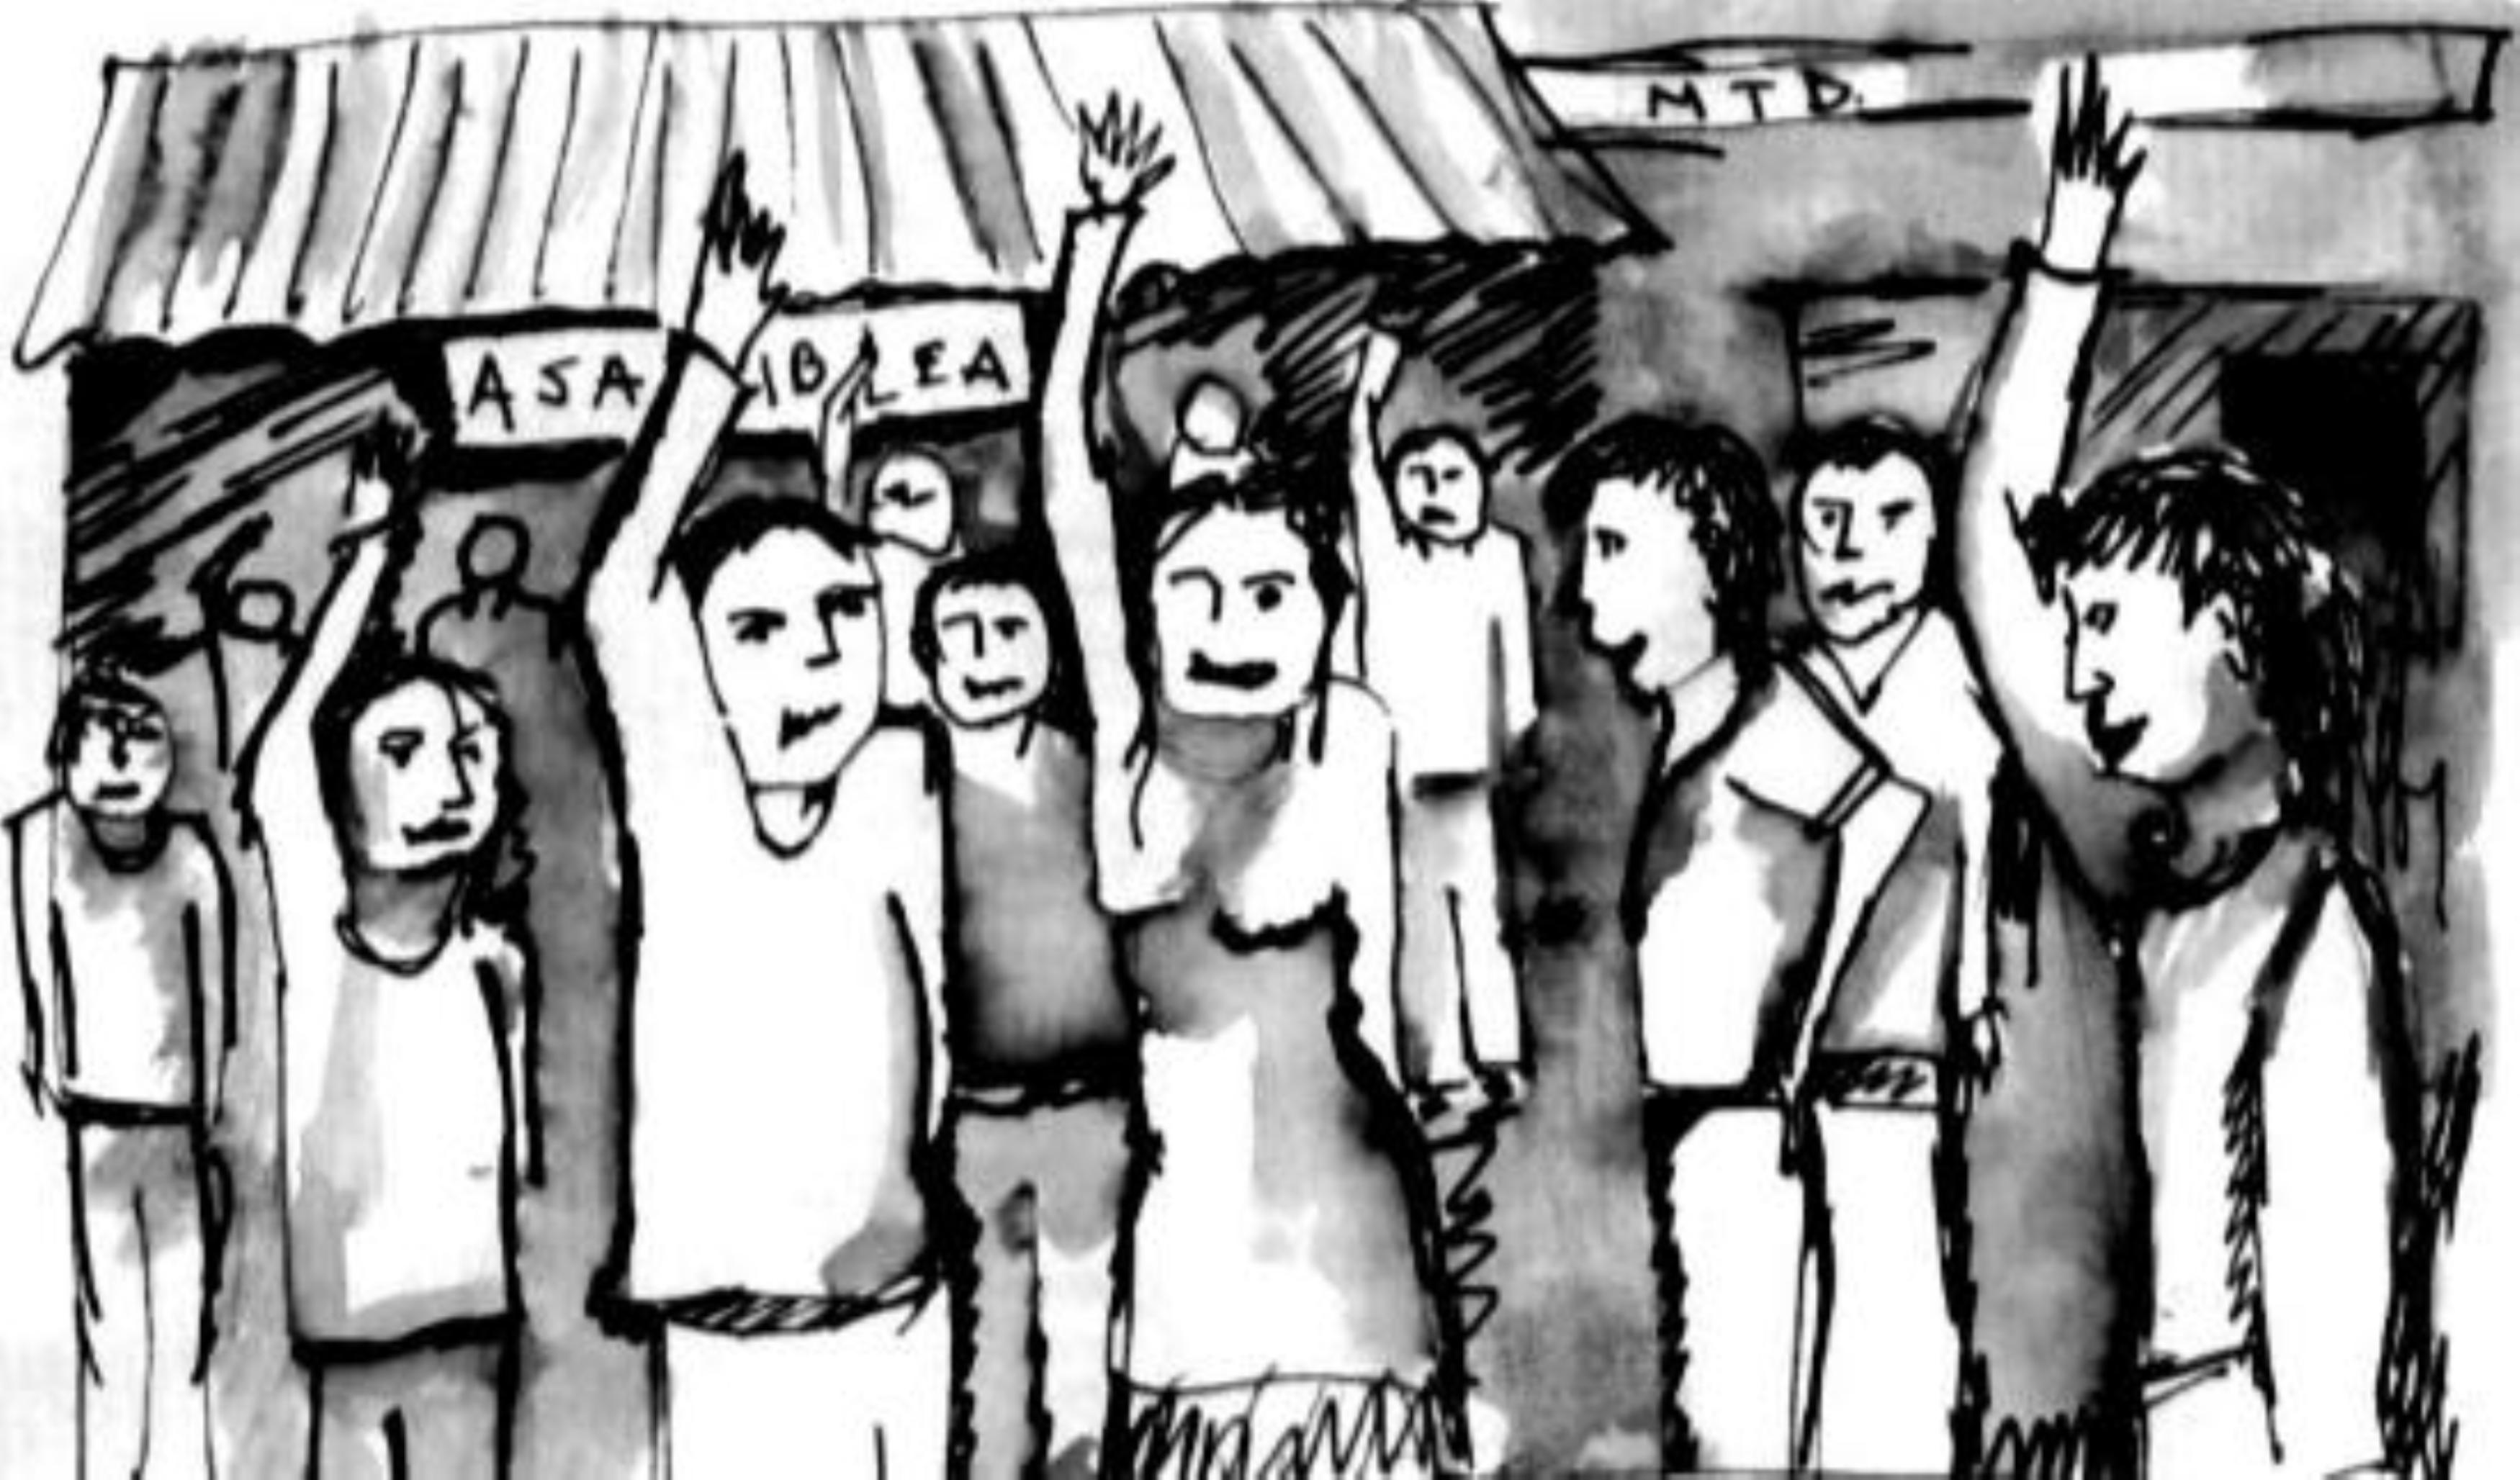 asamblea-protesta.JPG